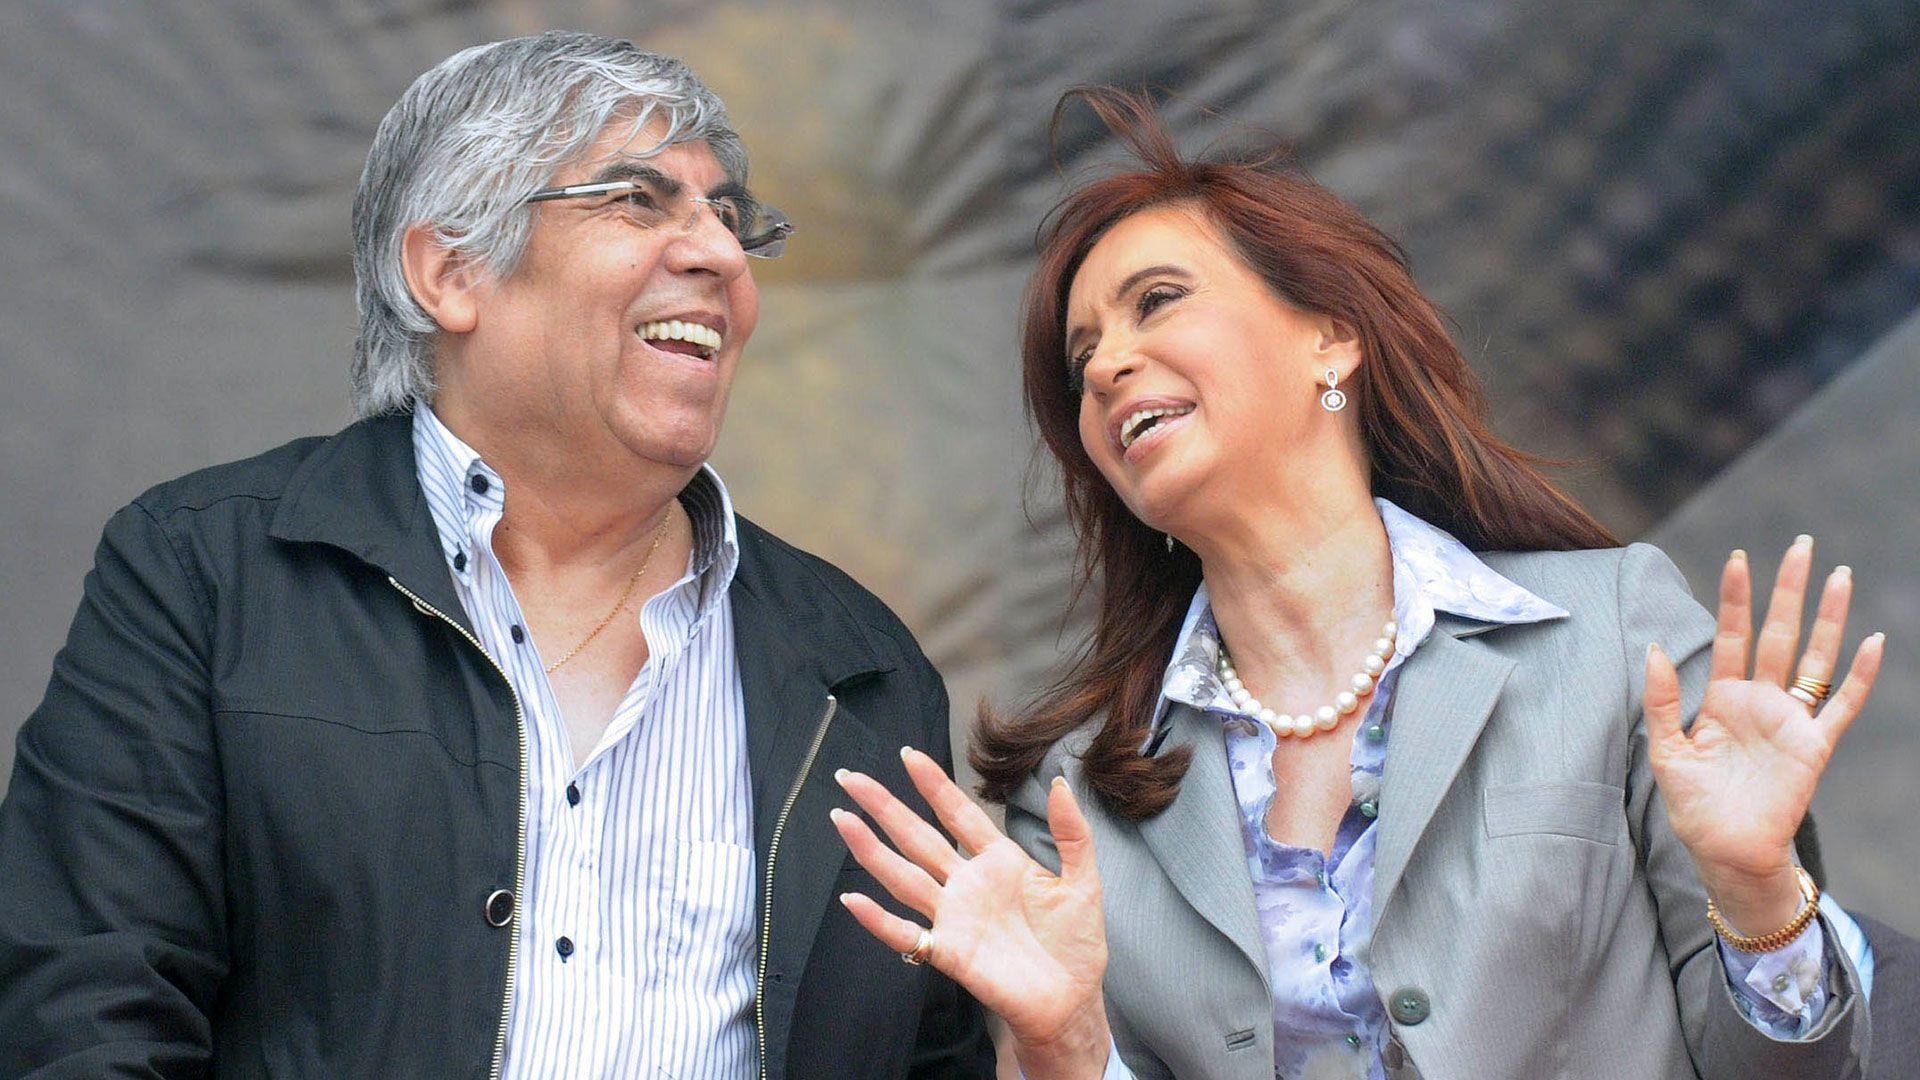 Hugo Moyano y Cristina Fernández de Kirchner cuando todavía tenían buena relación política